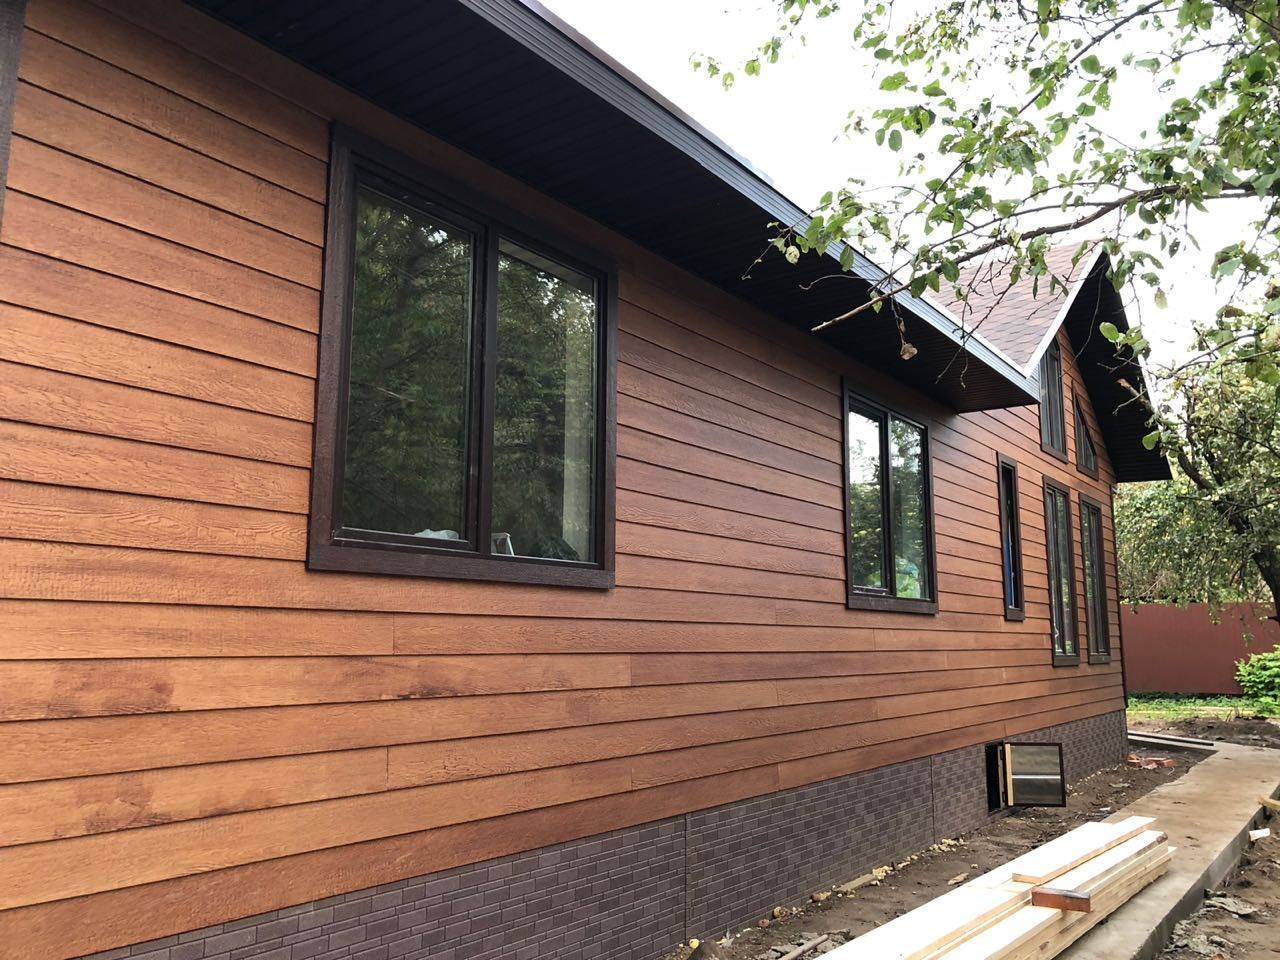 Чем обшить дом снаружи: преимущества и недостатки разных материалов для фасада, фото